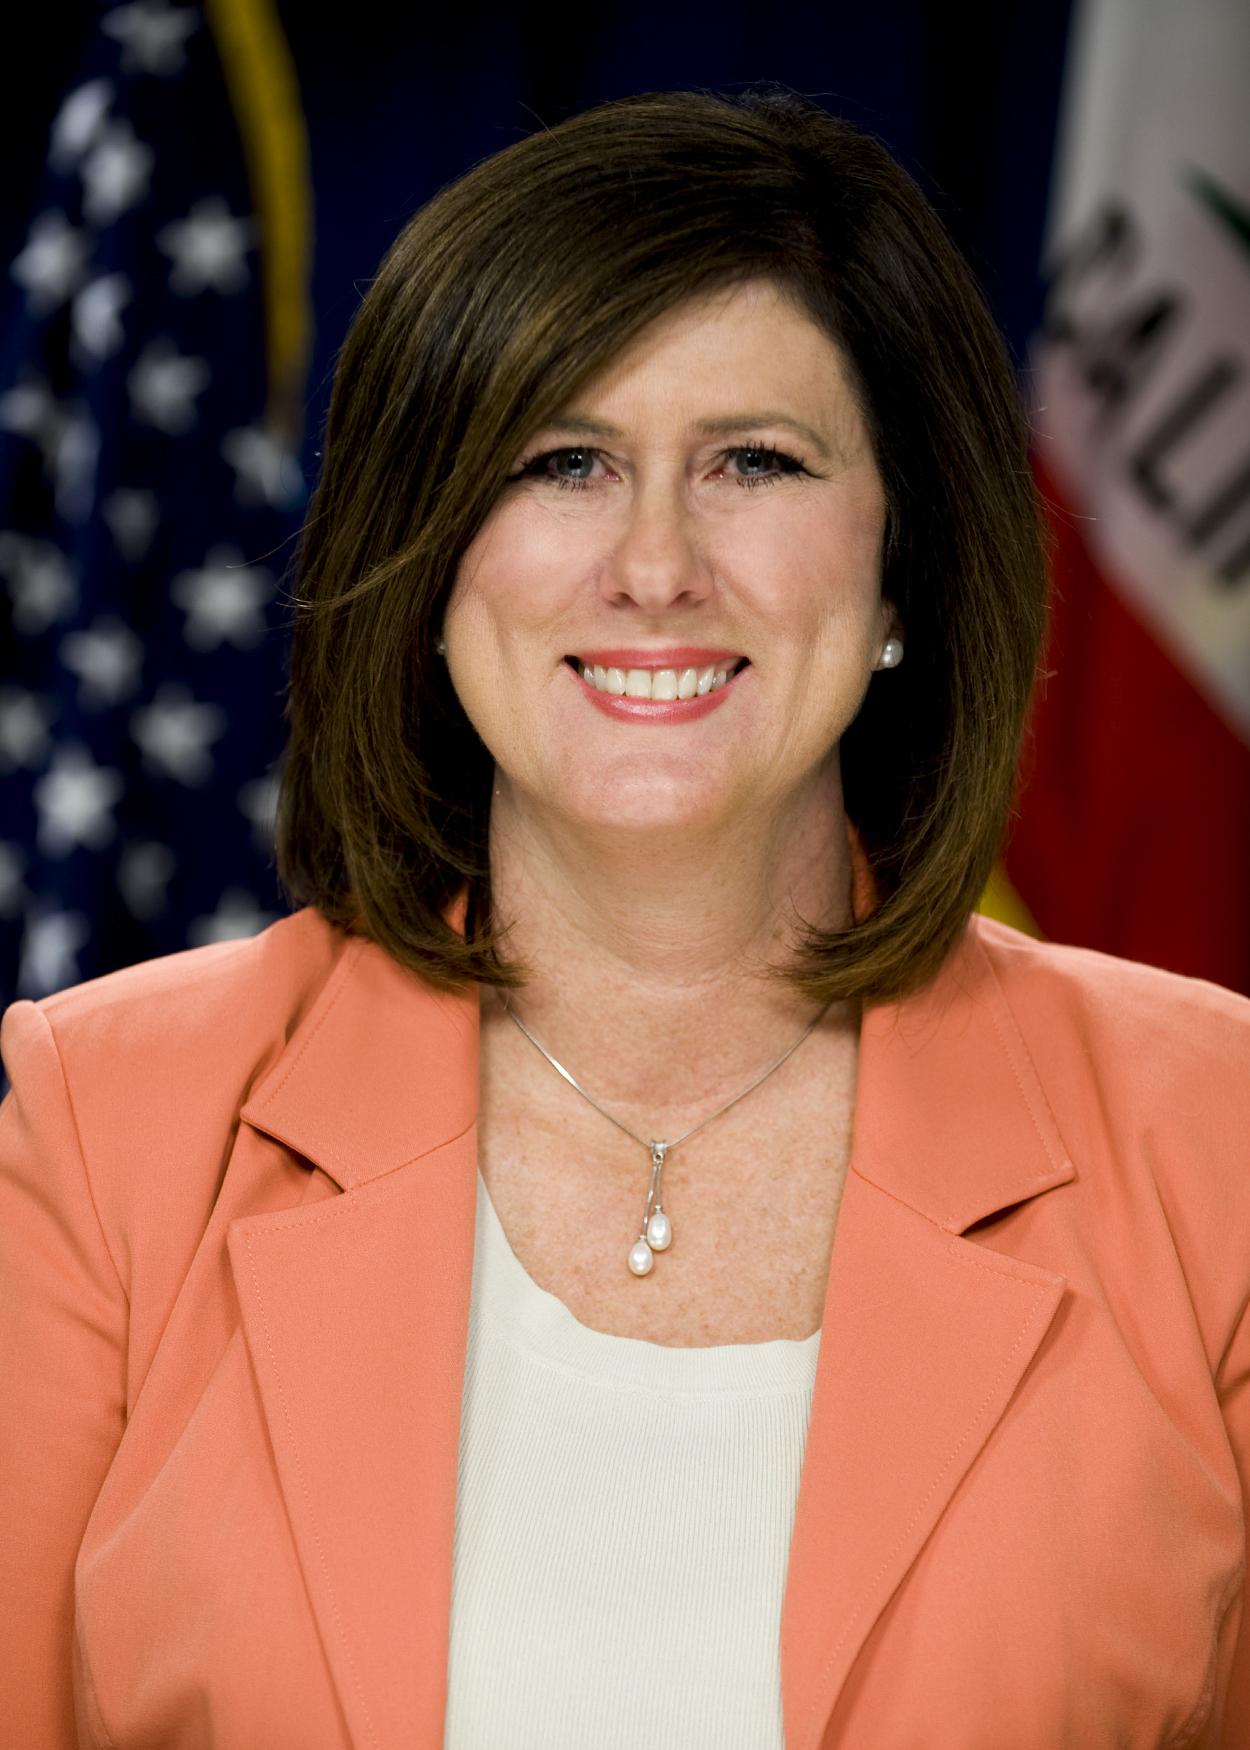 选举系列五篇之五:美华参政协会向您推荐选举SusanBonilla